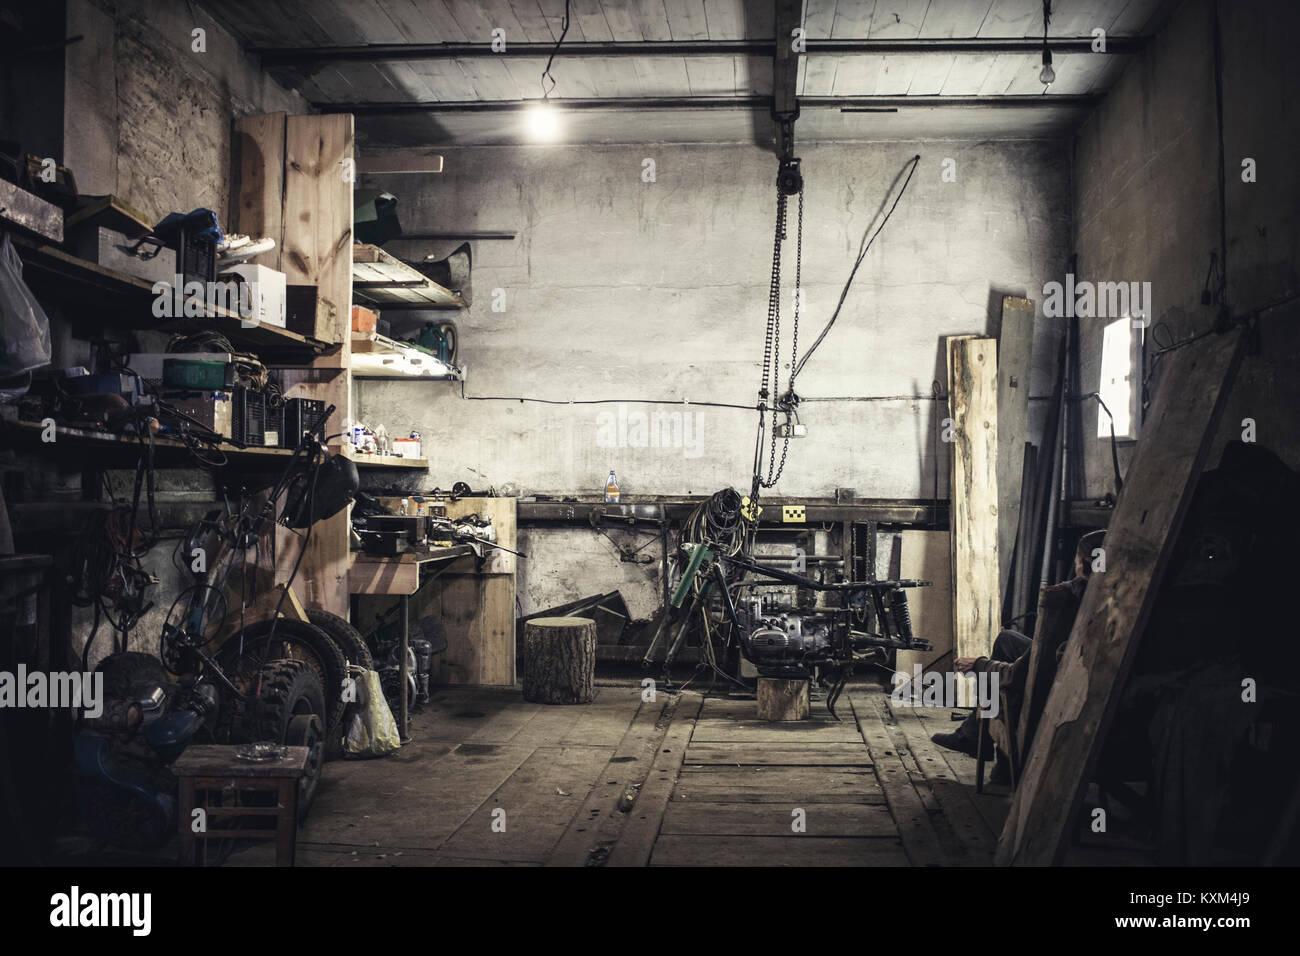 Mechanic sentado en un sillón viendo desmantelado Vintage Motorcycle en taller Foto de stock